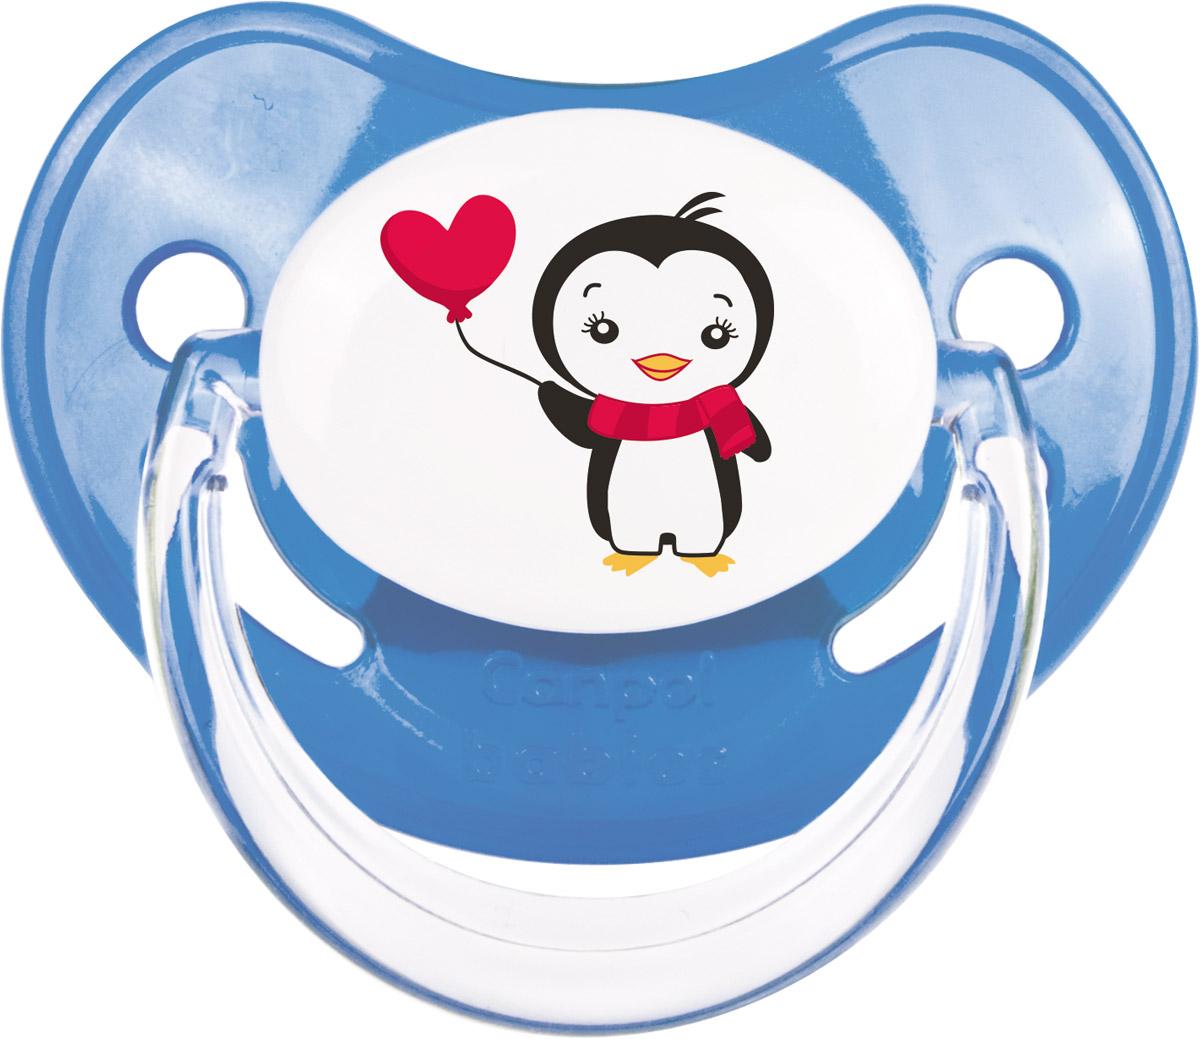 Canpol Babies Пустышка силиконовая ортодонтическая Penguins от 0 до 6 месяцев цвет синий